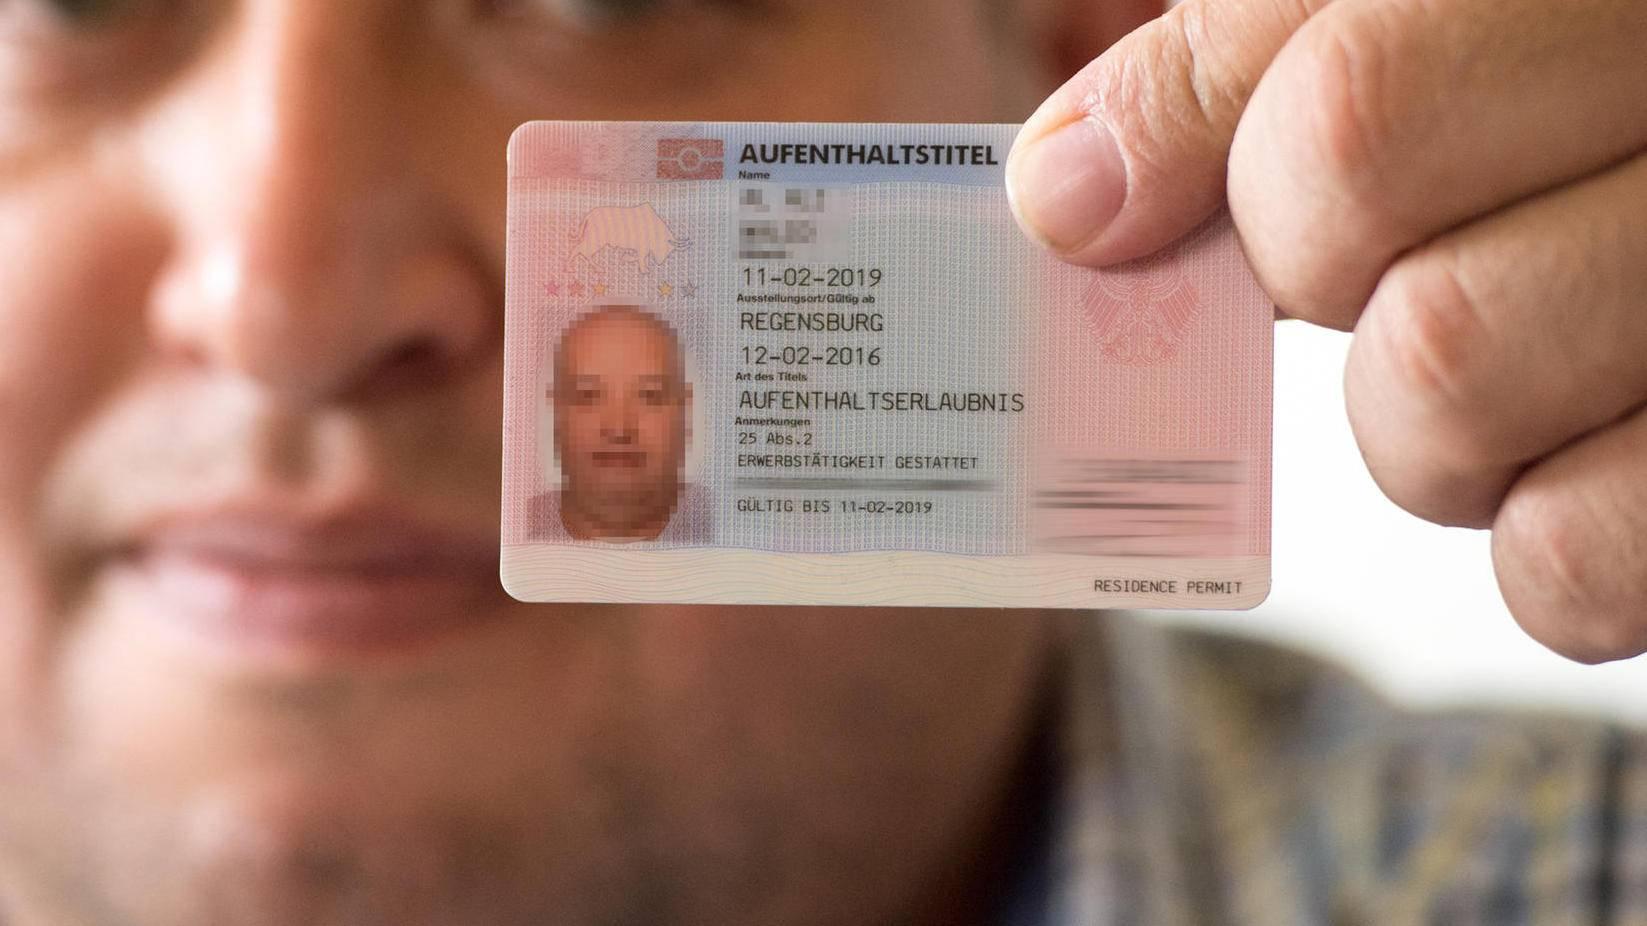 Как получить вид на жительство в финляндии (варианты, документы, сроки и пр)